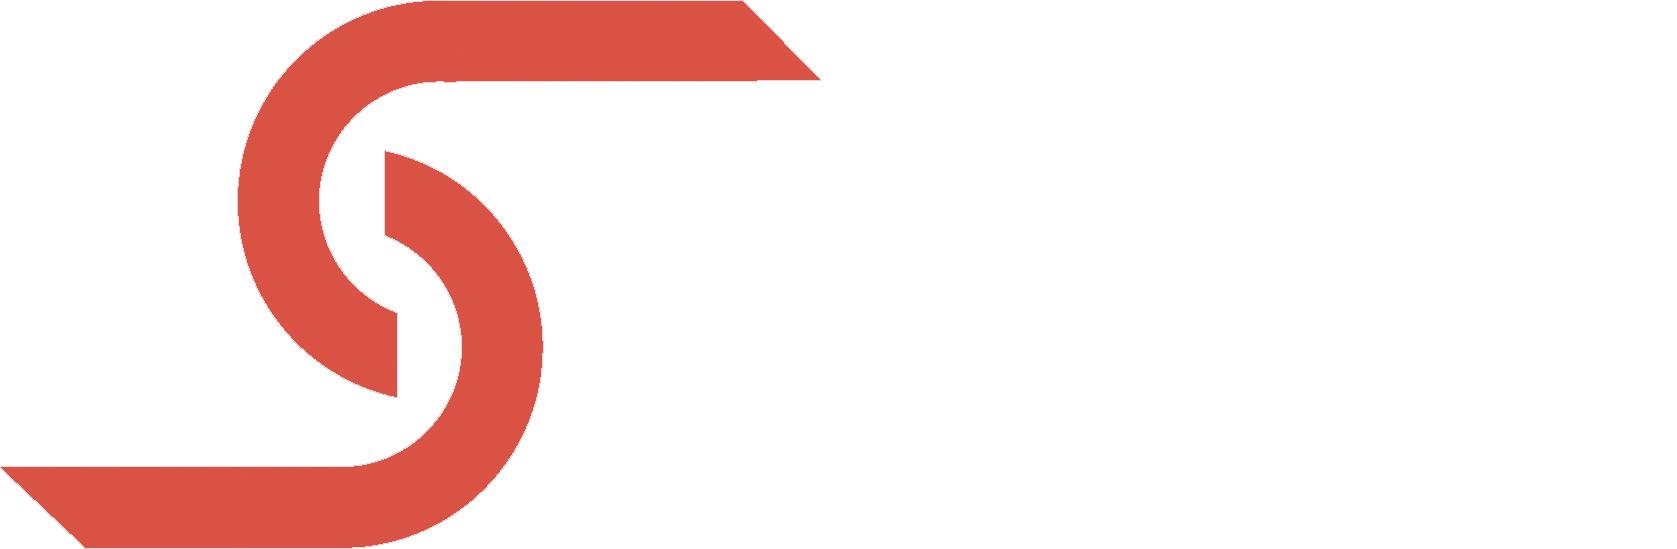 Tecnoauto snc - Riparazione e Manutenzione